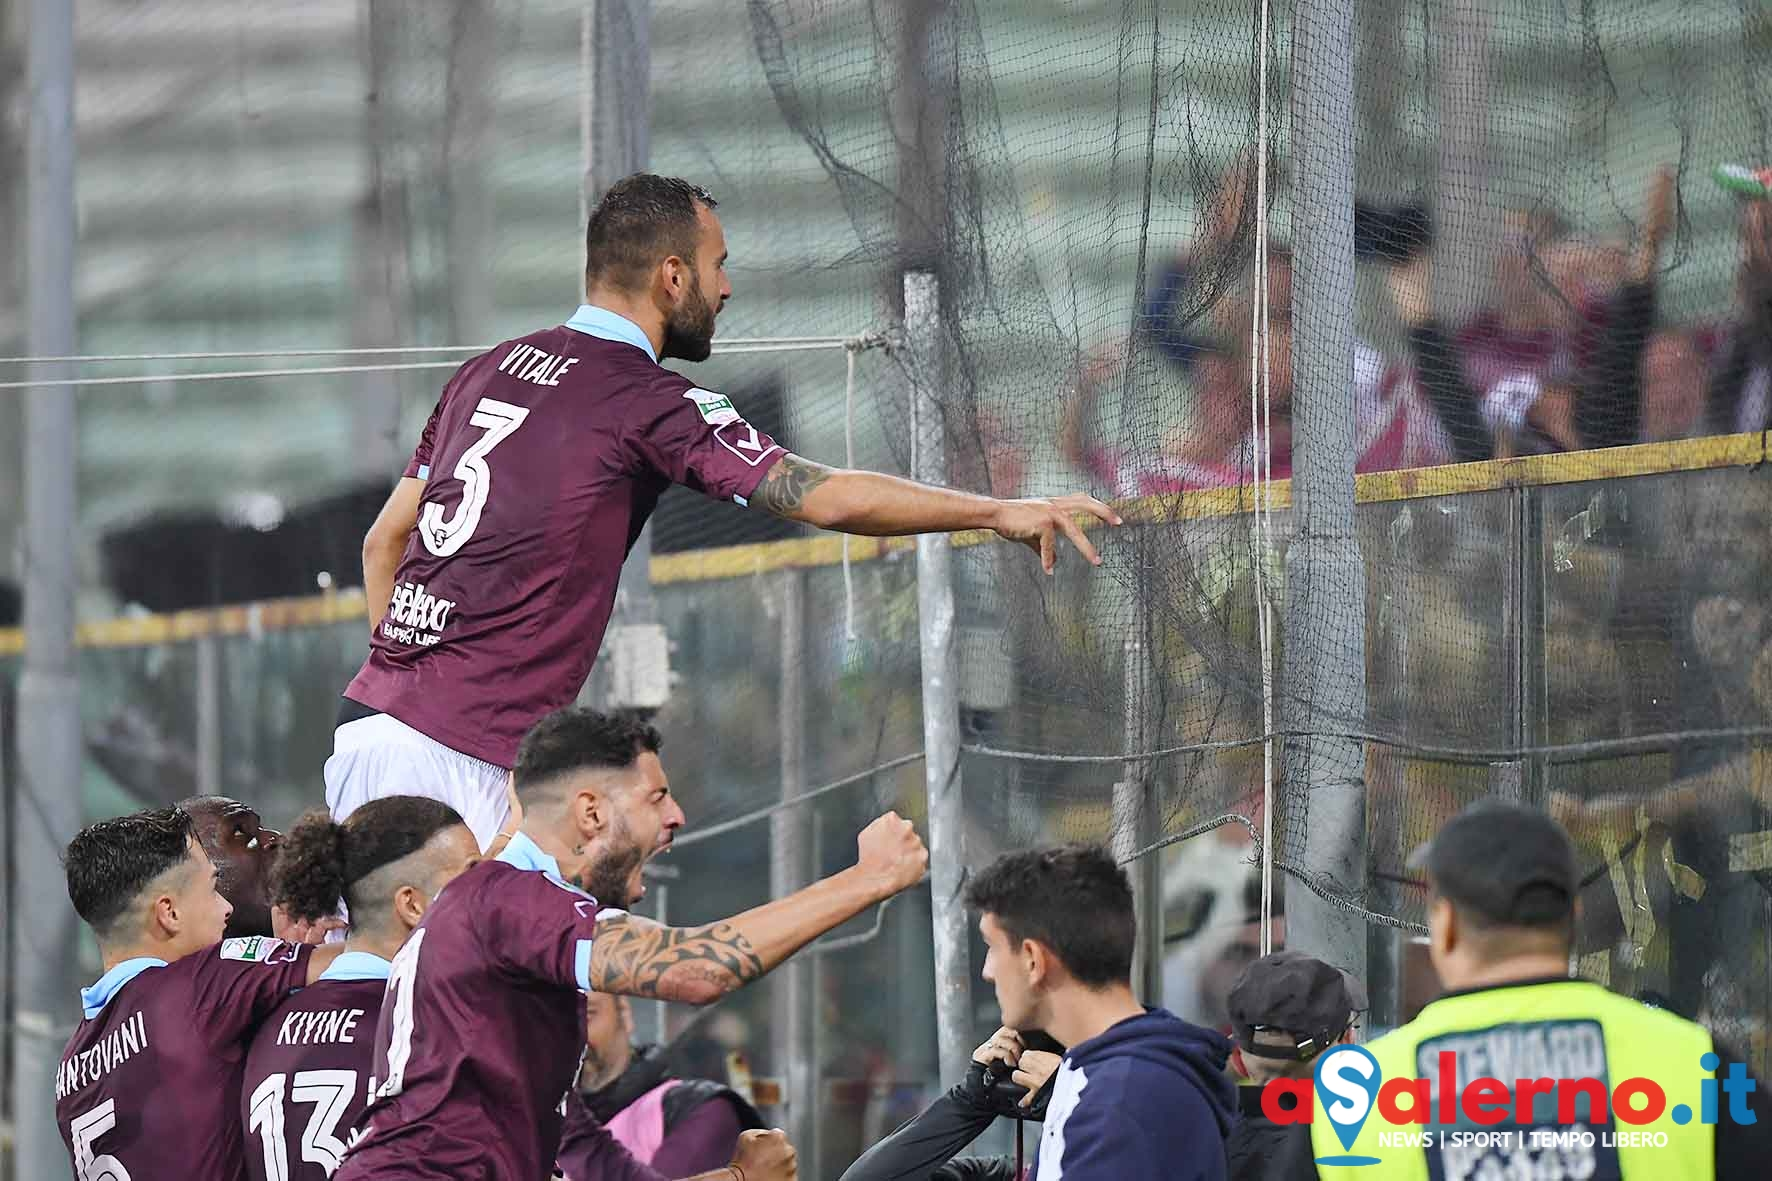 I pronostici dell'anticipo di serie B: X di Salernitana-Parma a 3,05